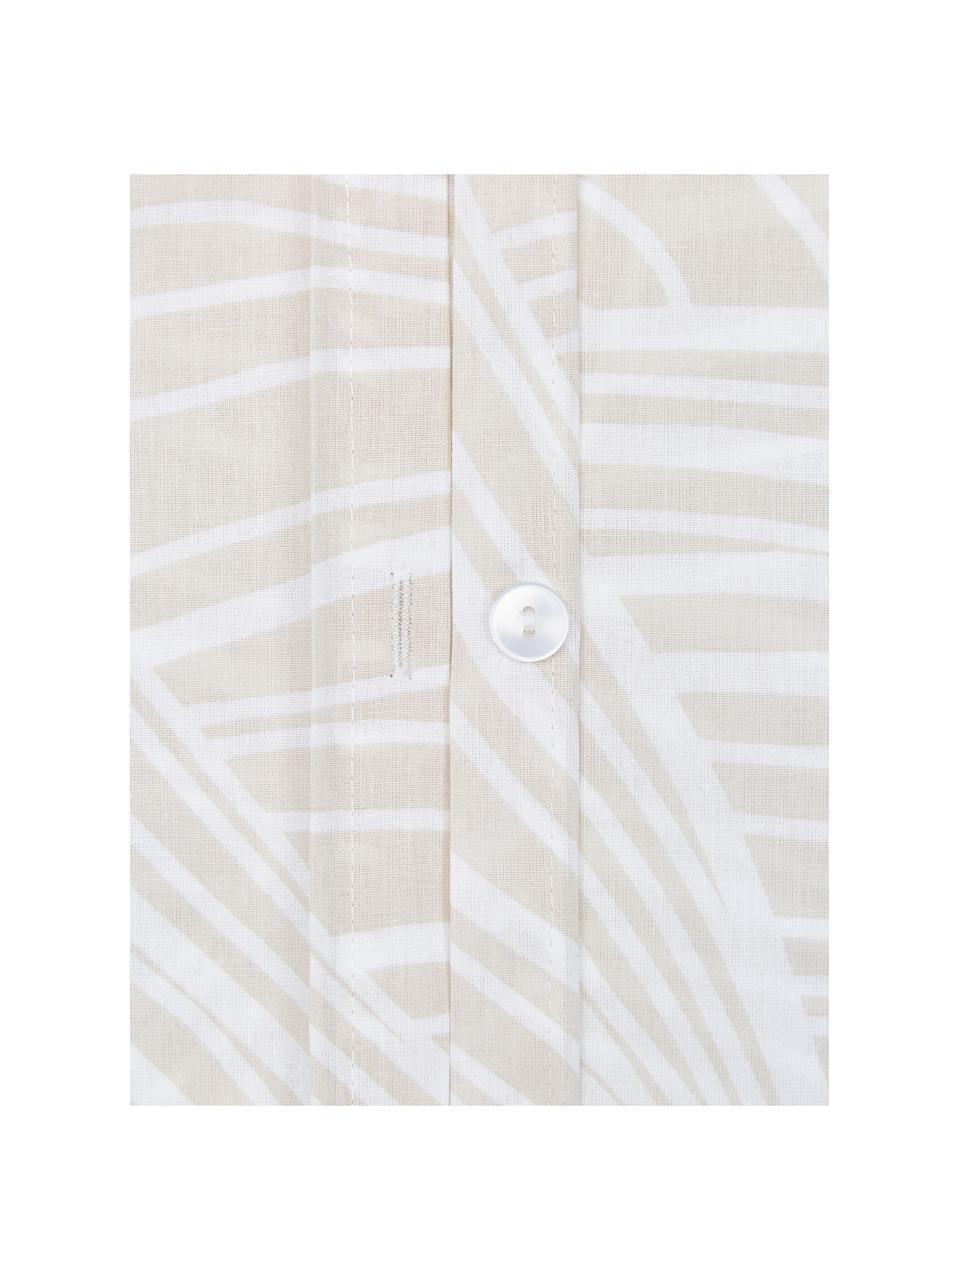 Pościel z bawełny Korey, Beżowy, biały, 135 x 200 cm + 1 poduszka 80 x 80 cm